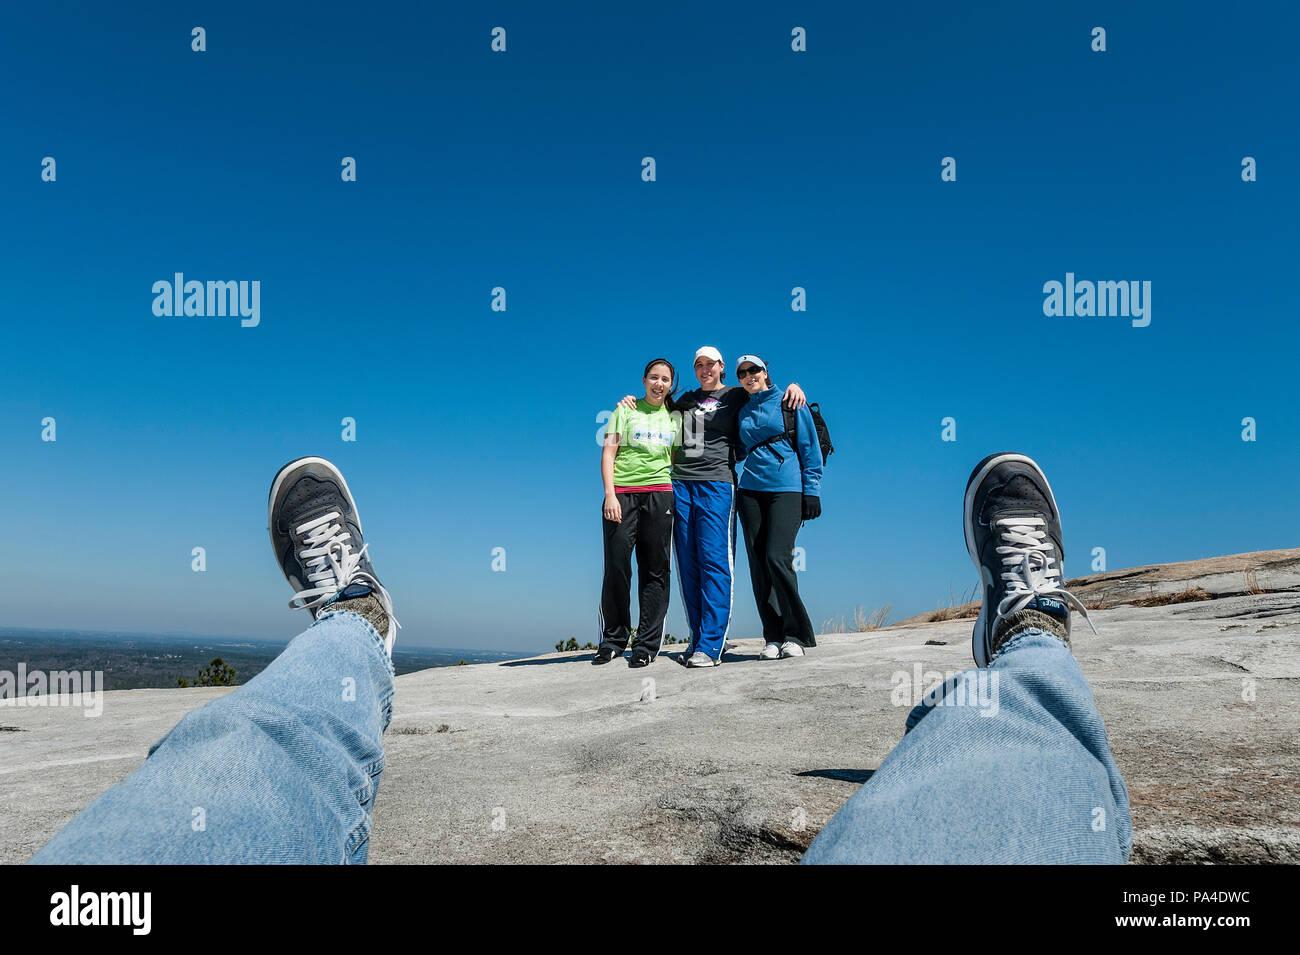 Grupo Selfie instantánea, Stone Mountain, Georgia, EE.UU.. Foto de stock